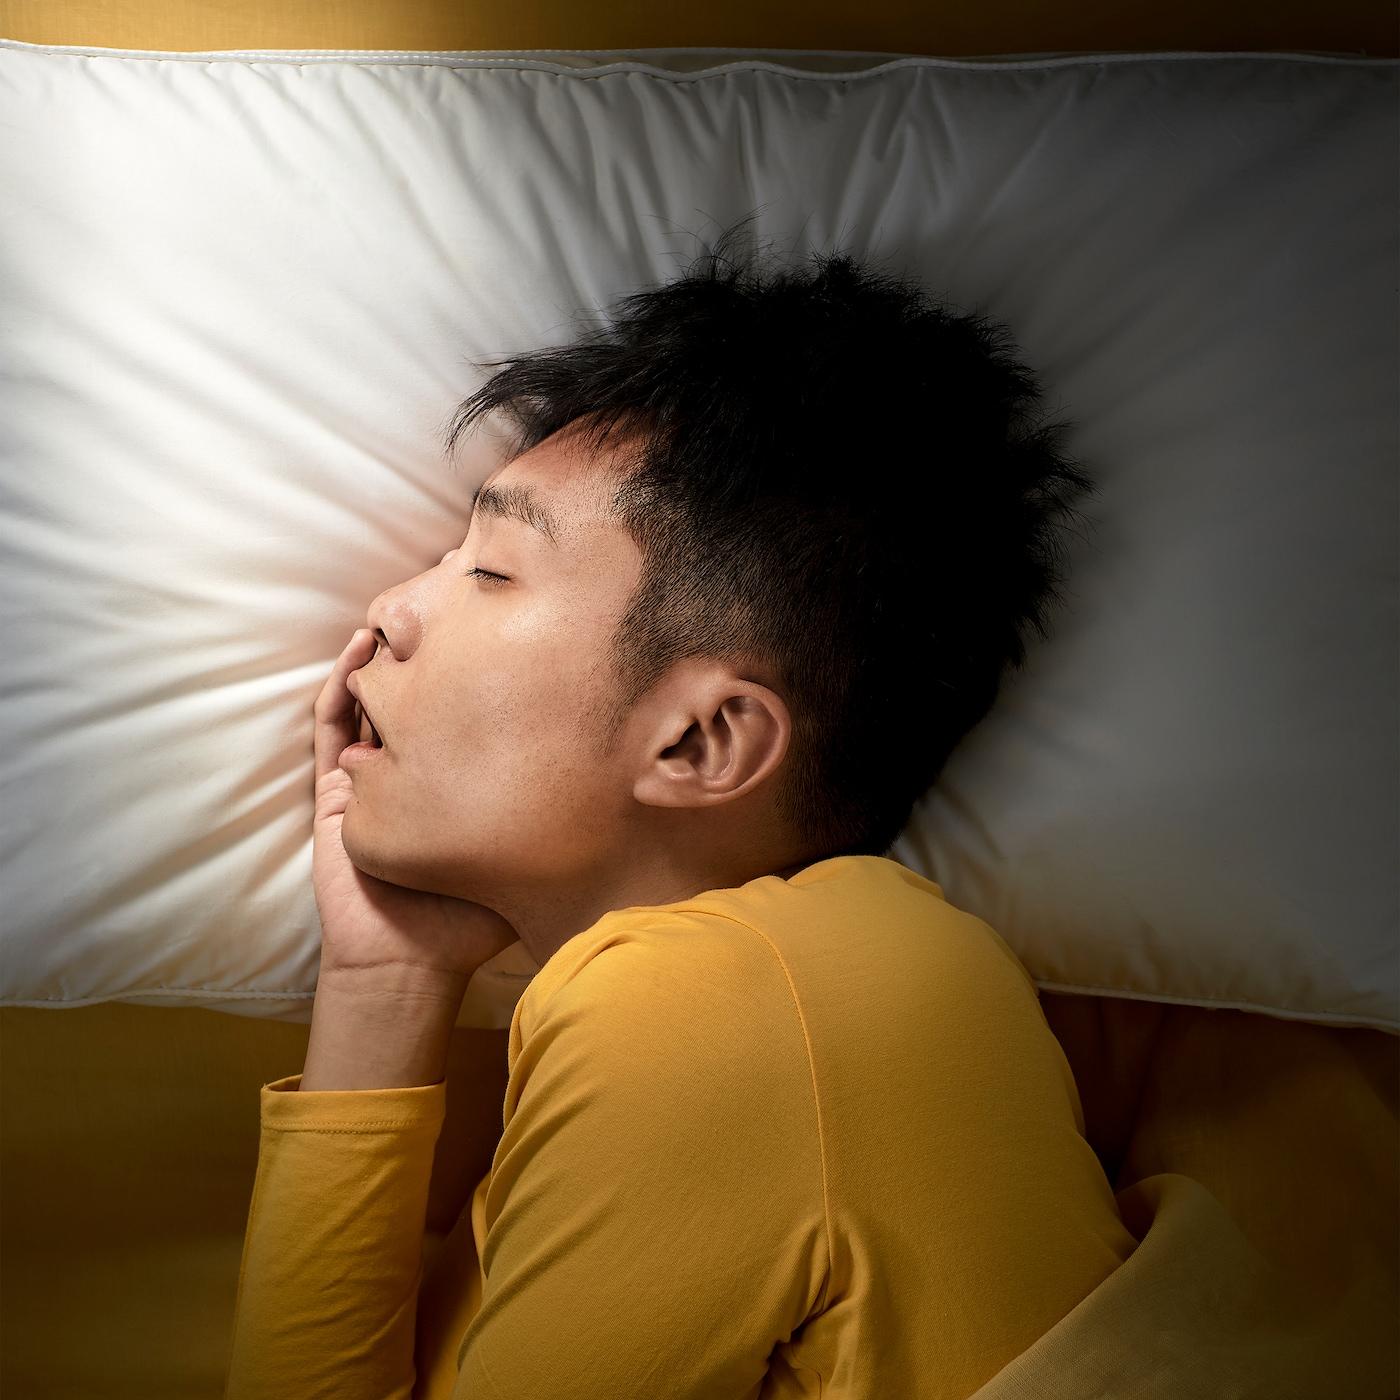 一位青年侧躺着枕在宜家 PRAKTVÄDD 普拉科特维德 人体工学枕上,睡得很沉。